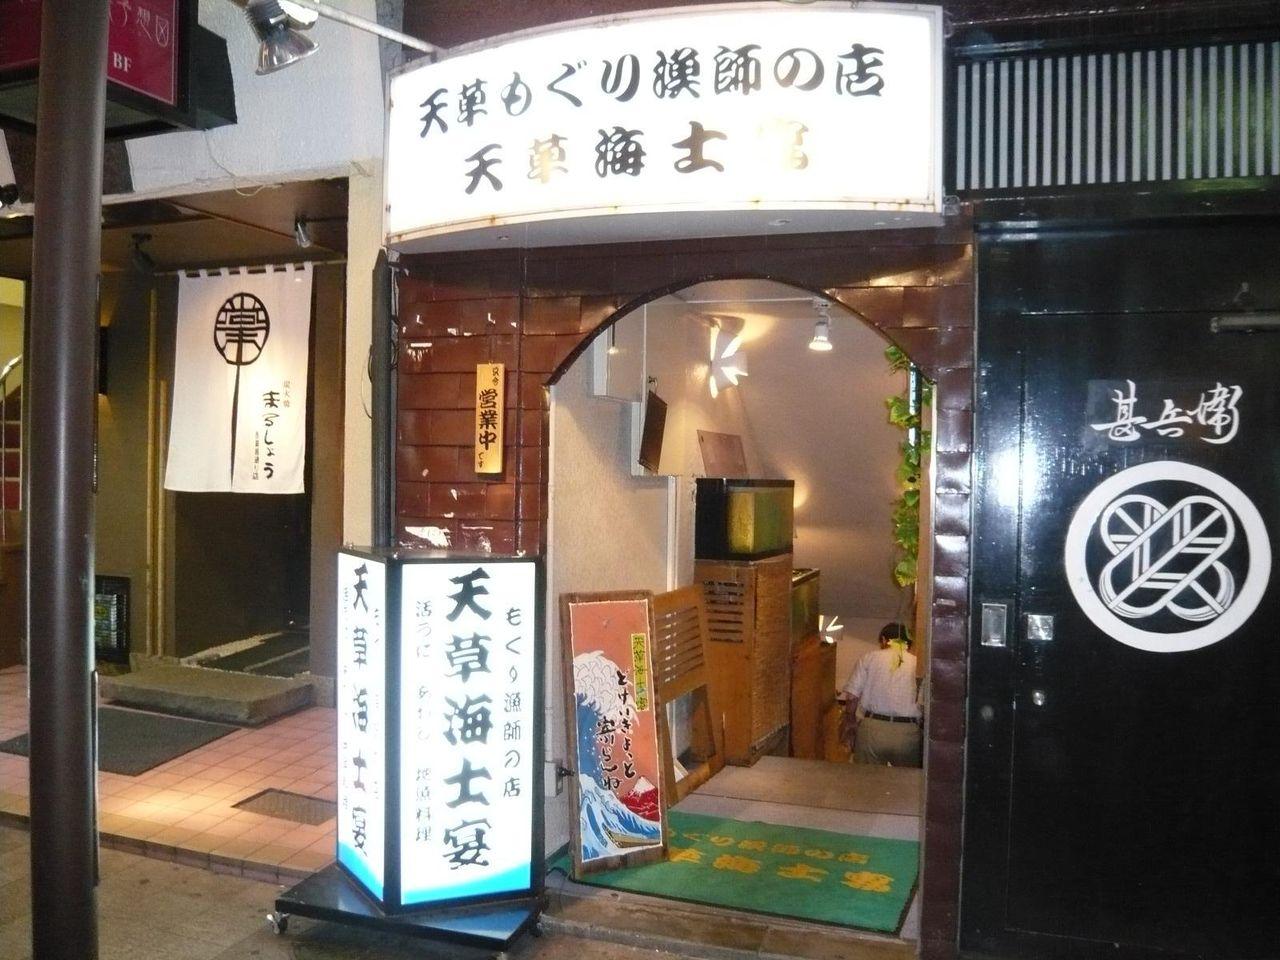 これが漁師の店?・・・ずいぶん派手な店構えです。